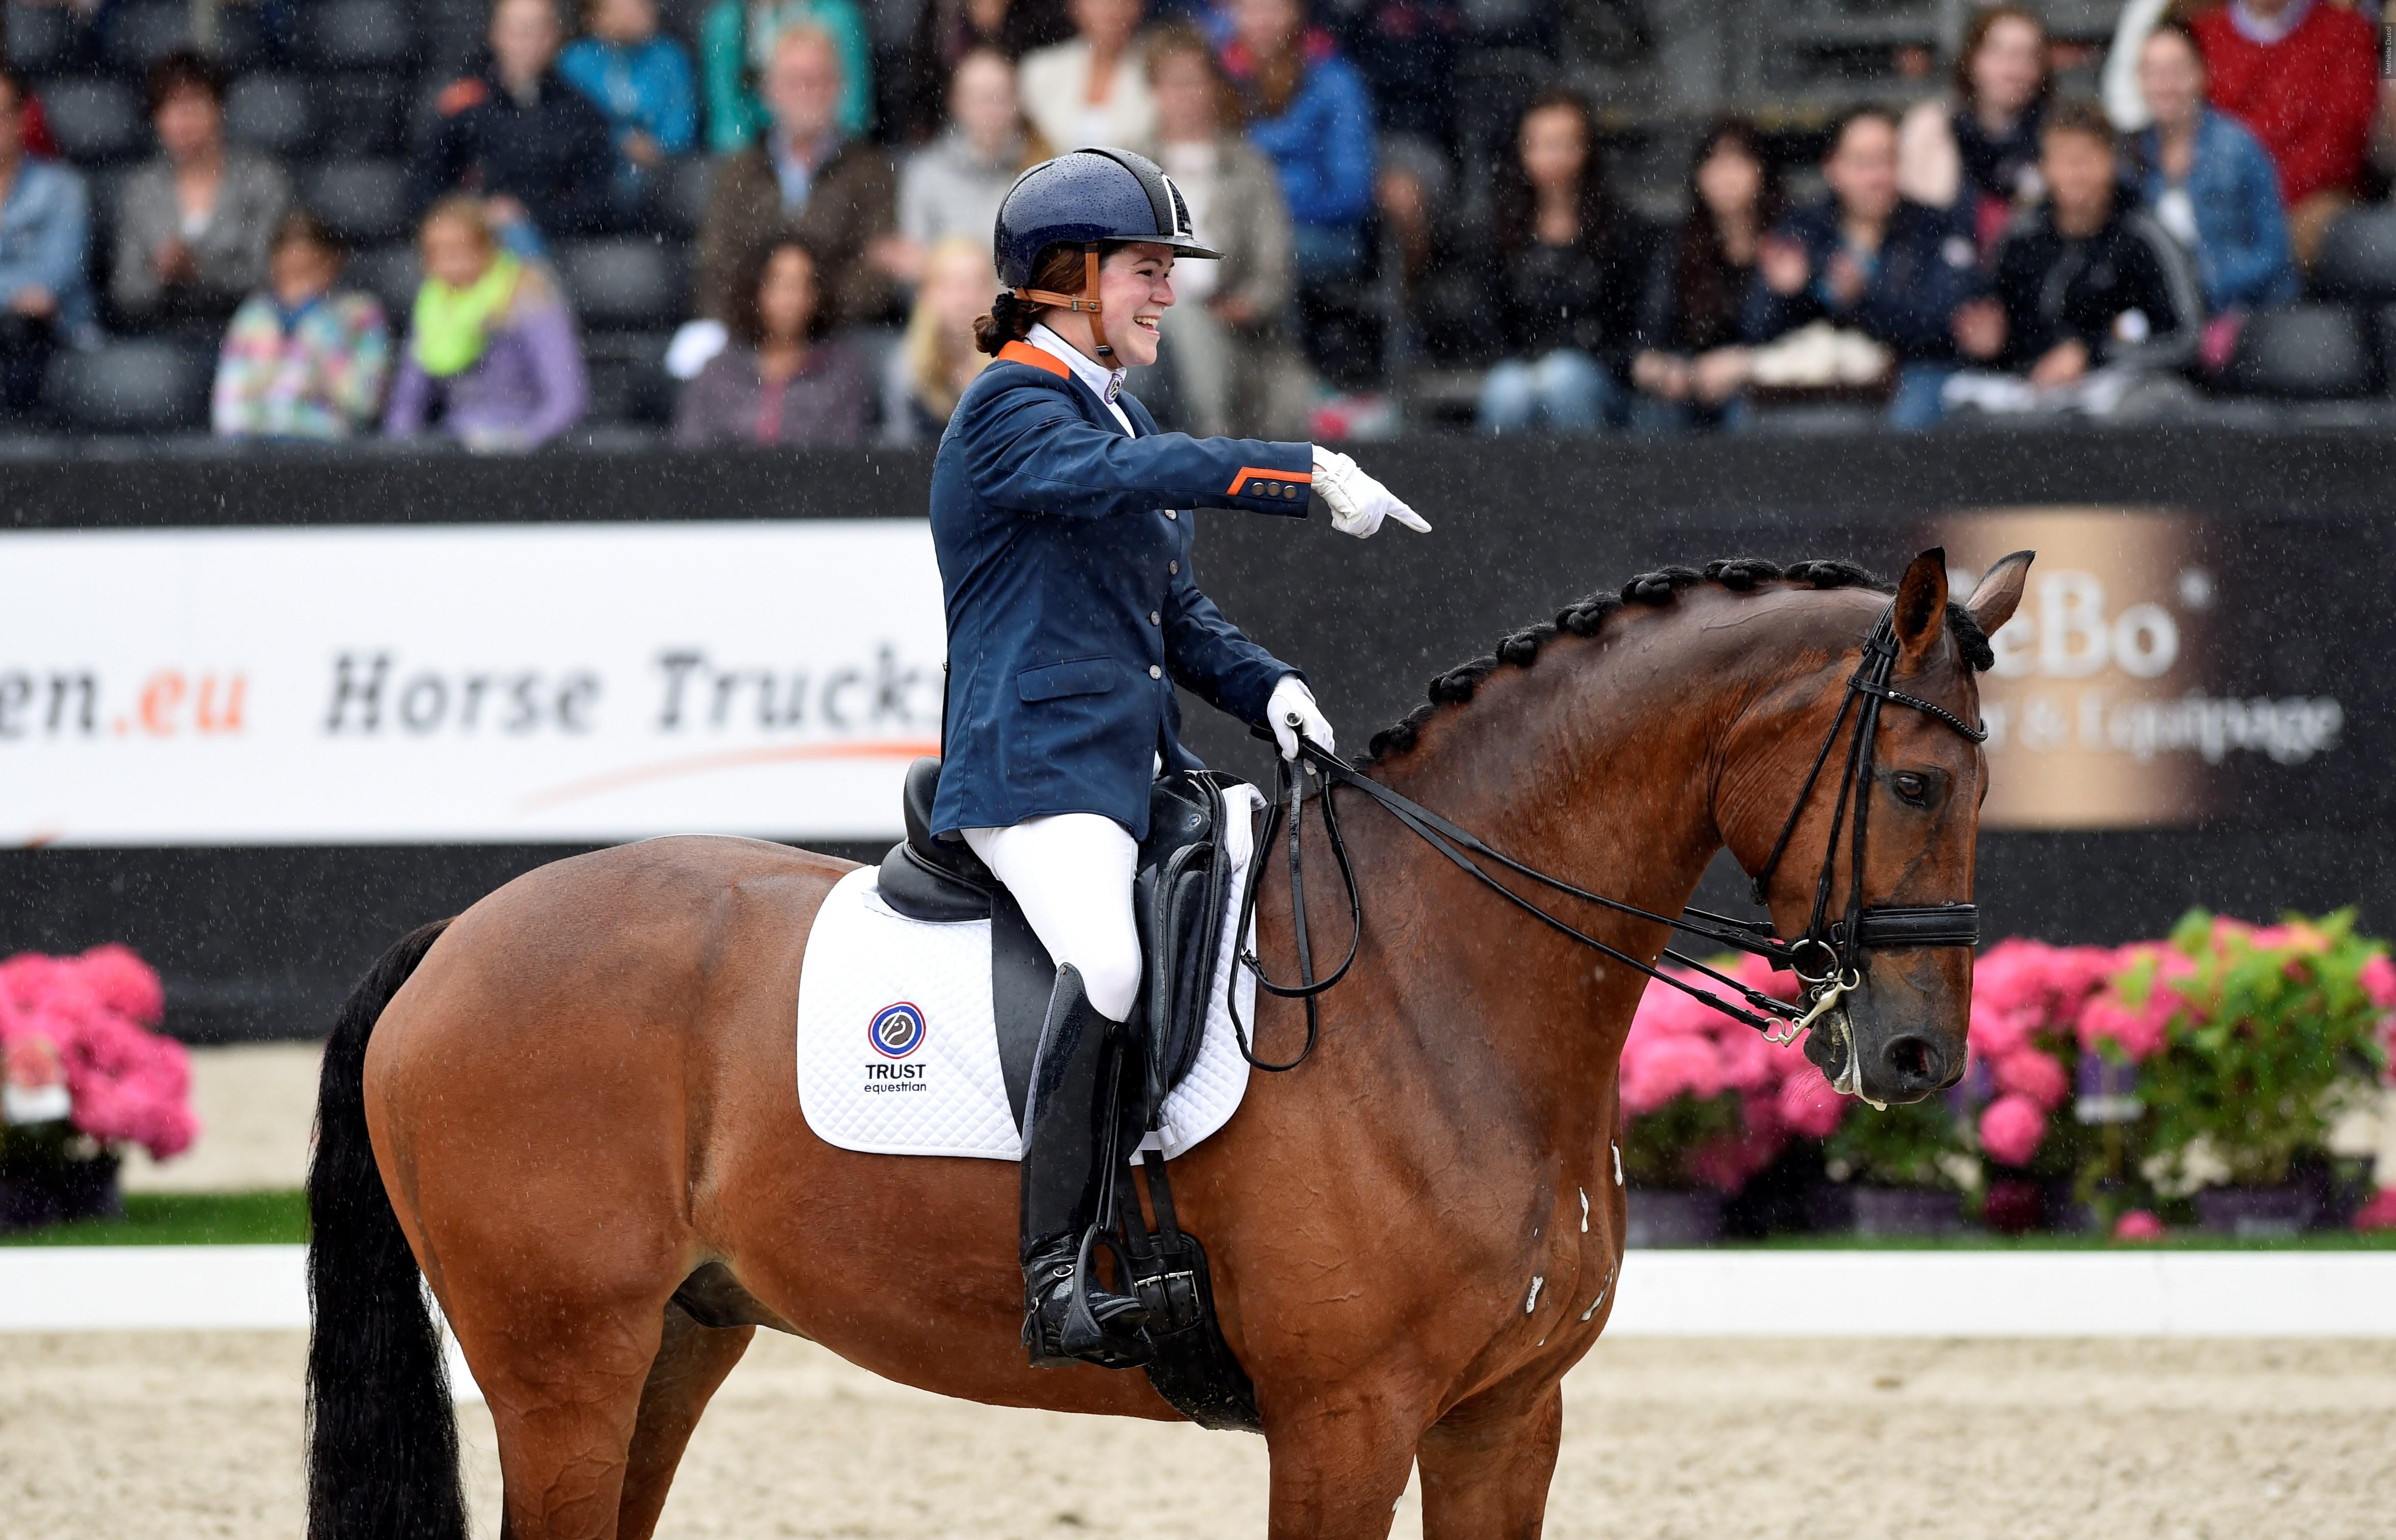 Goud in vrije kür voor Sanne Voets, tweede brons Frank Hosmar